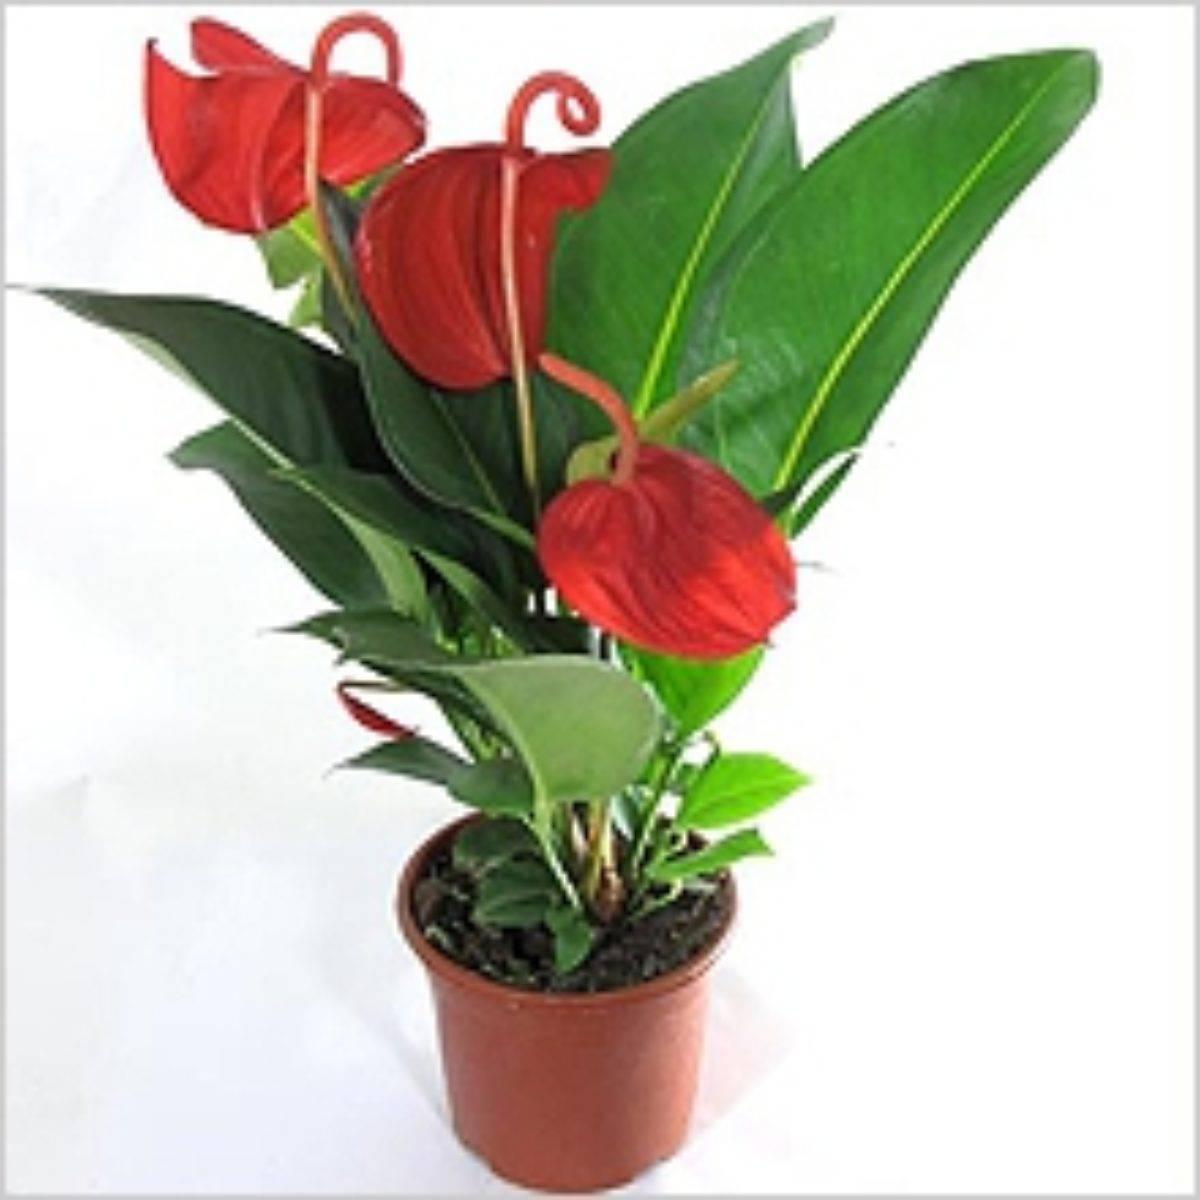 Как ухаживать за цветком «мужское счастье», чтобы он цвел? 22 фото почему антуриум выпускает только листья? как заставить его цвести в домашних условиях?